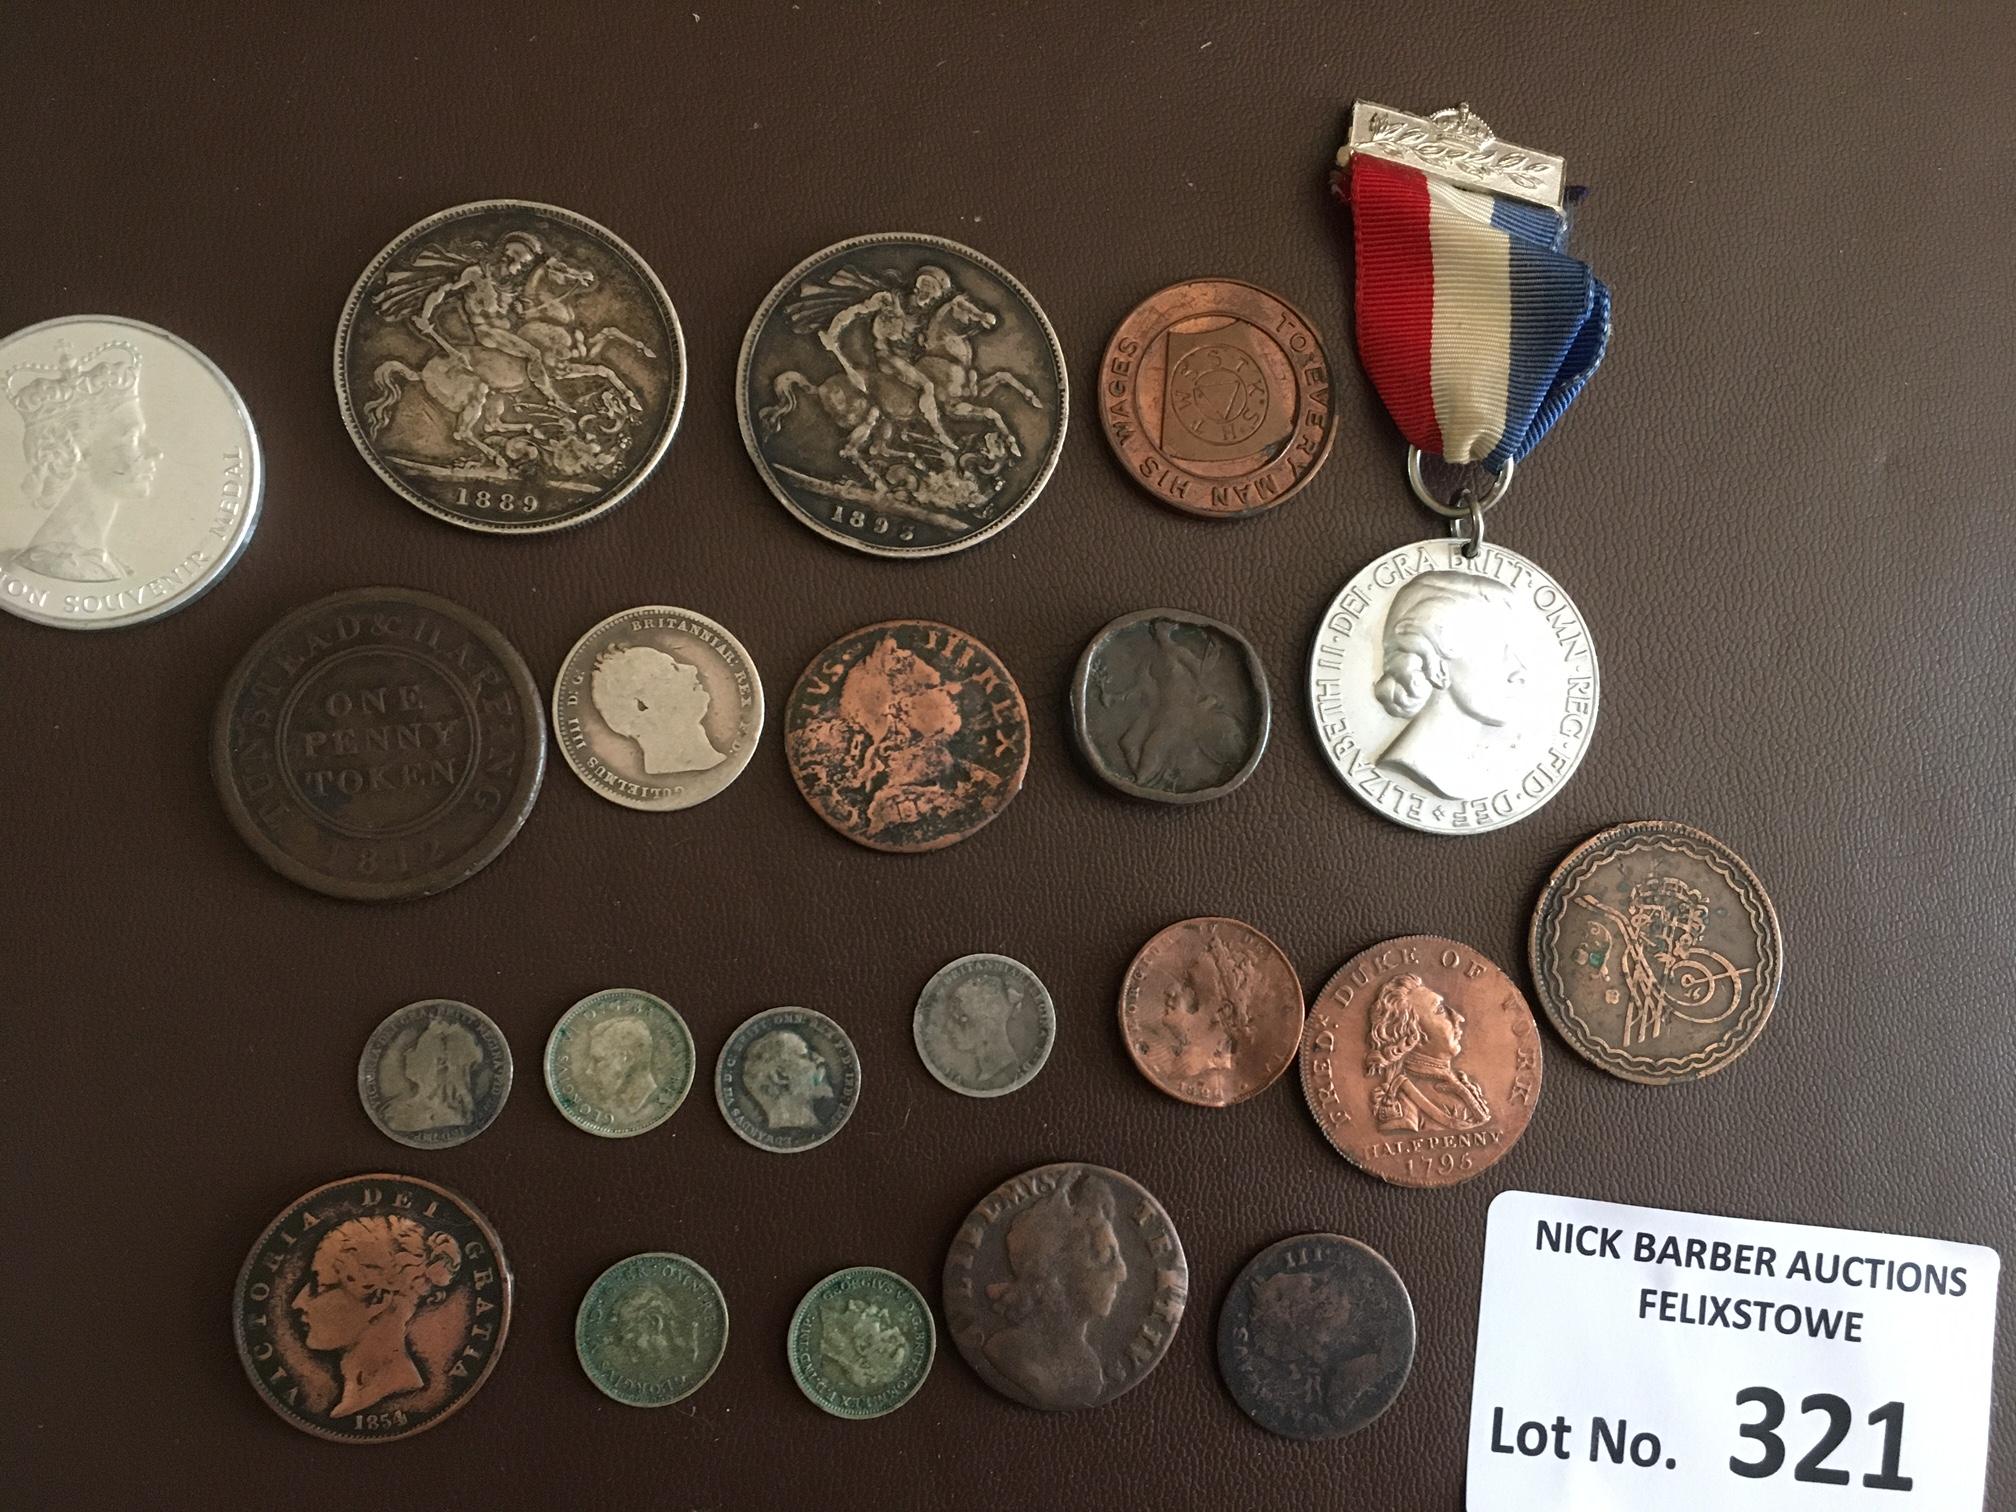 Coins : GB 1700s onward inc QV Crowns 1889 & 1893,